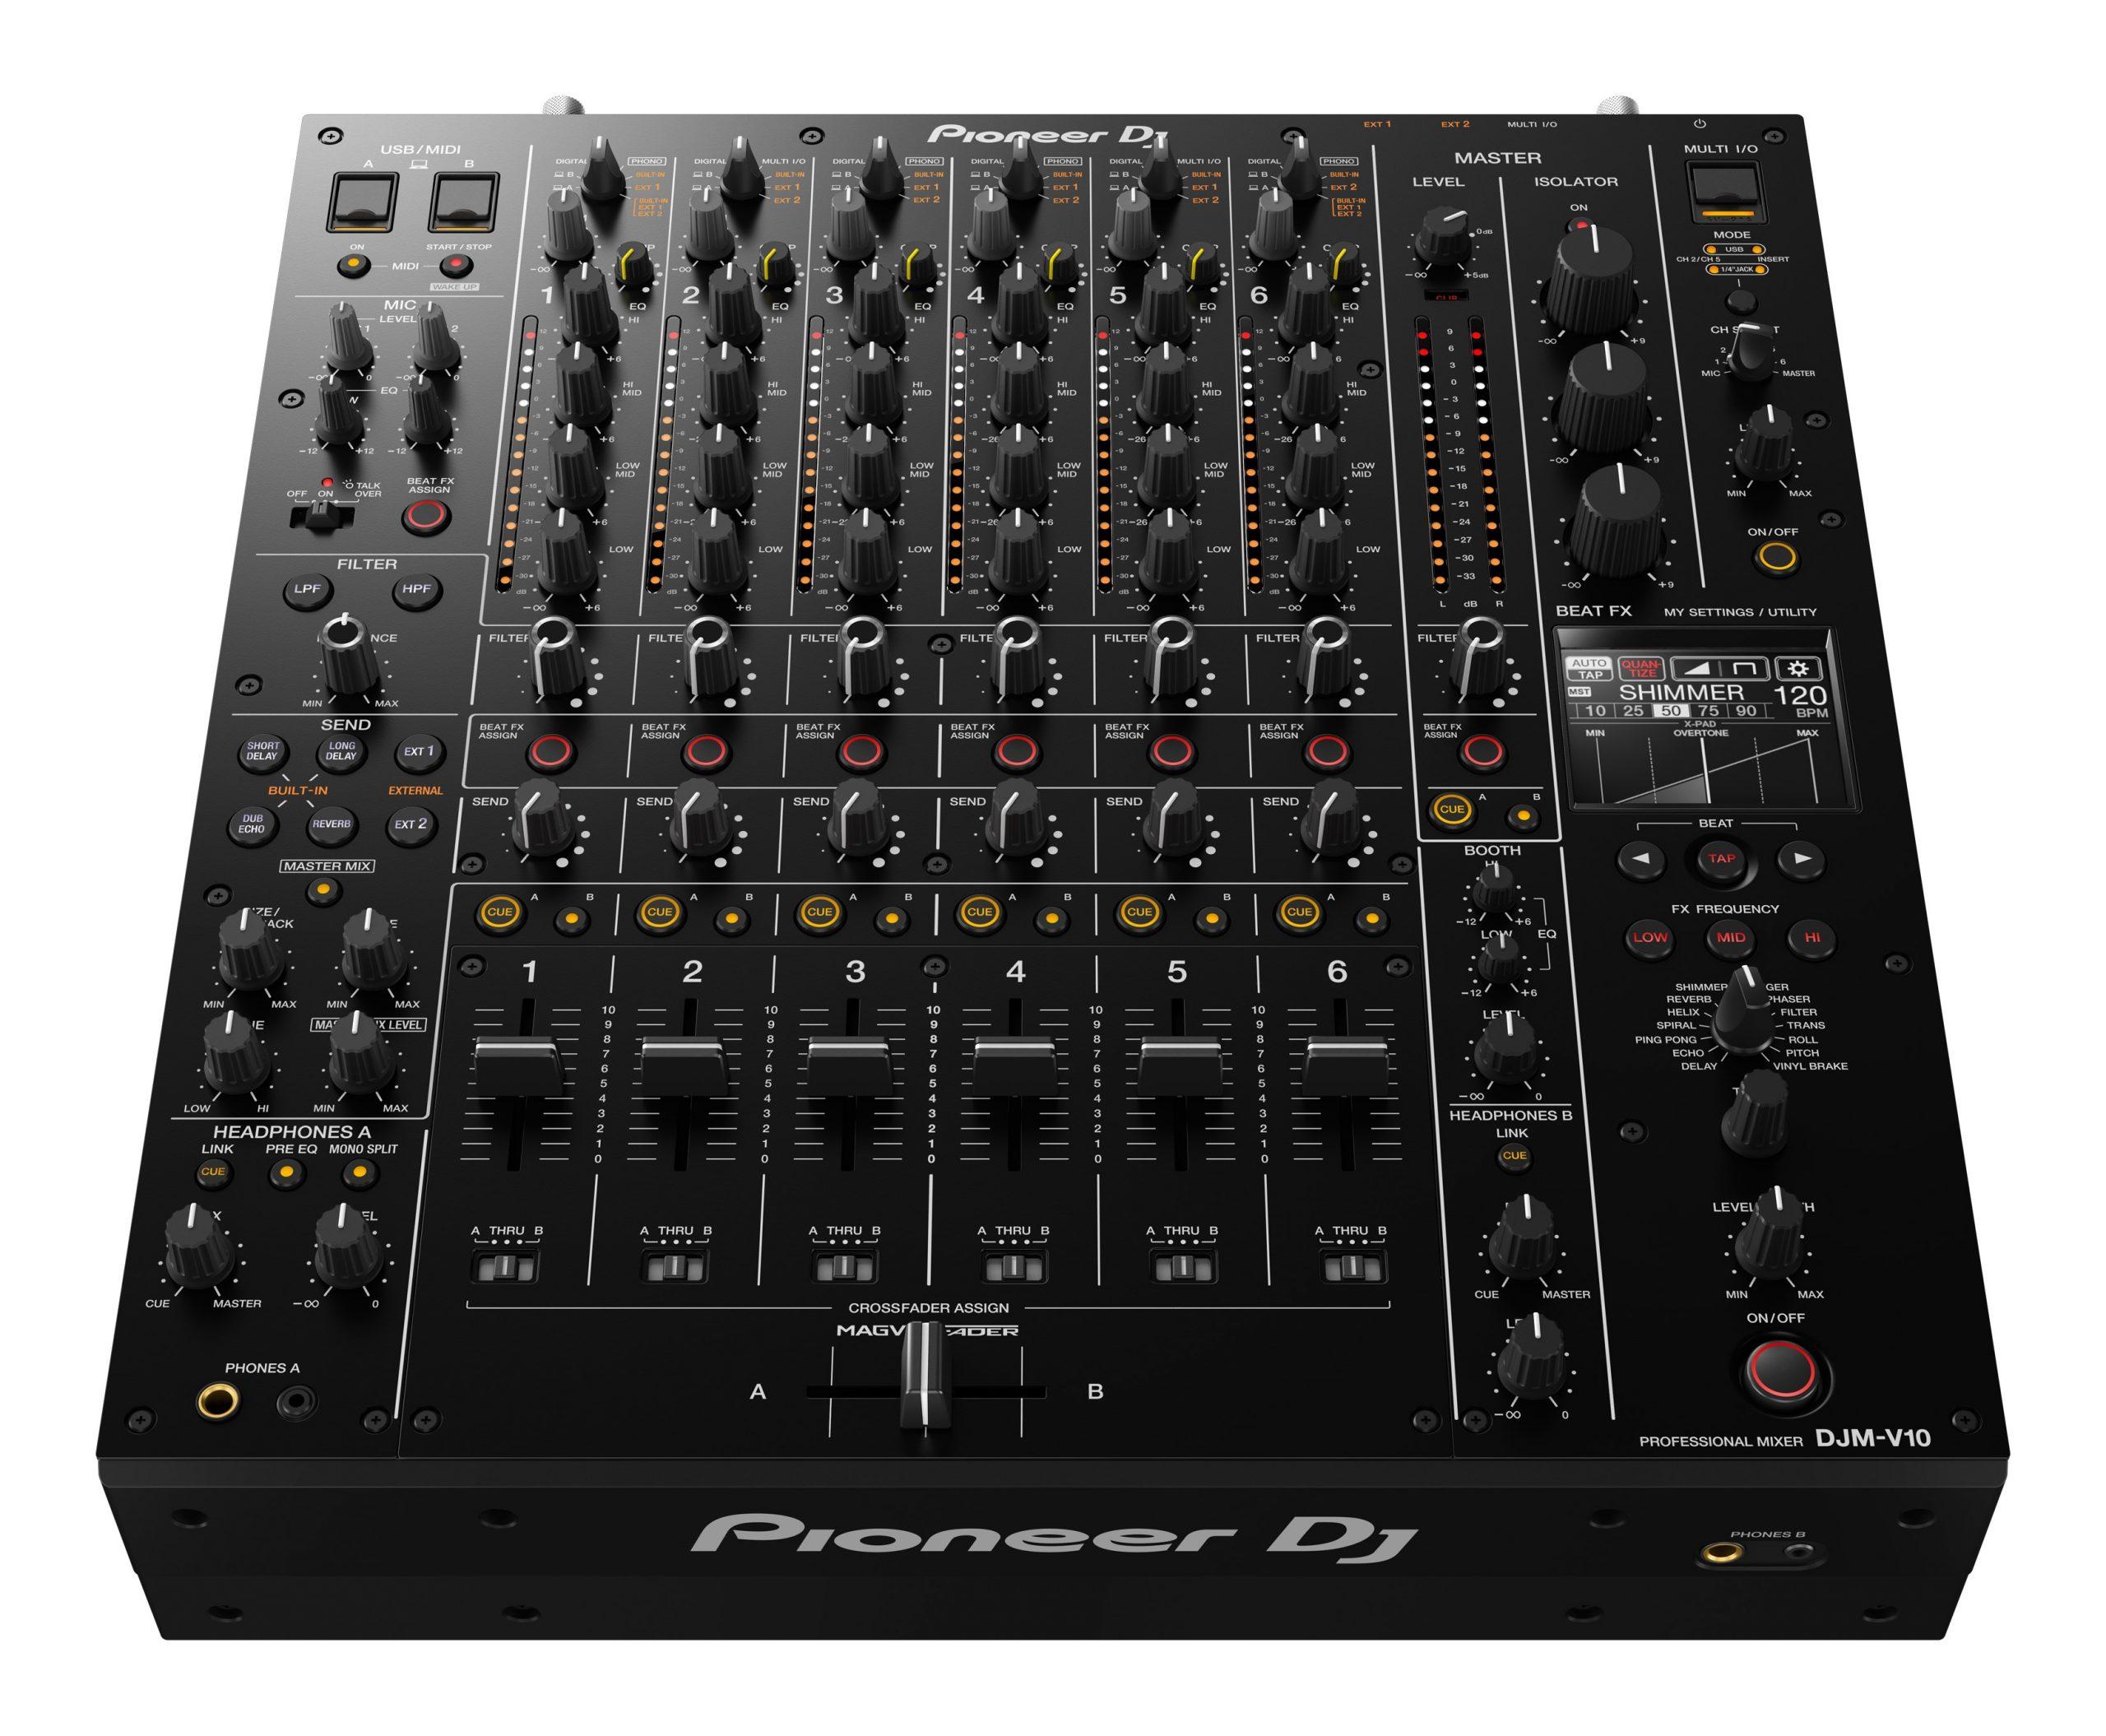 Pioneer DJM - V10 mixer